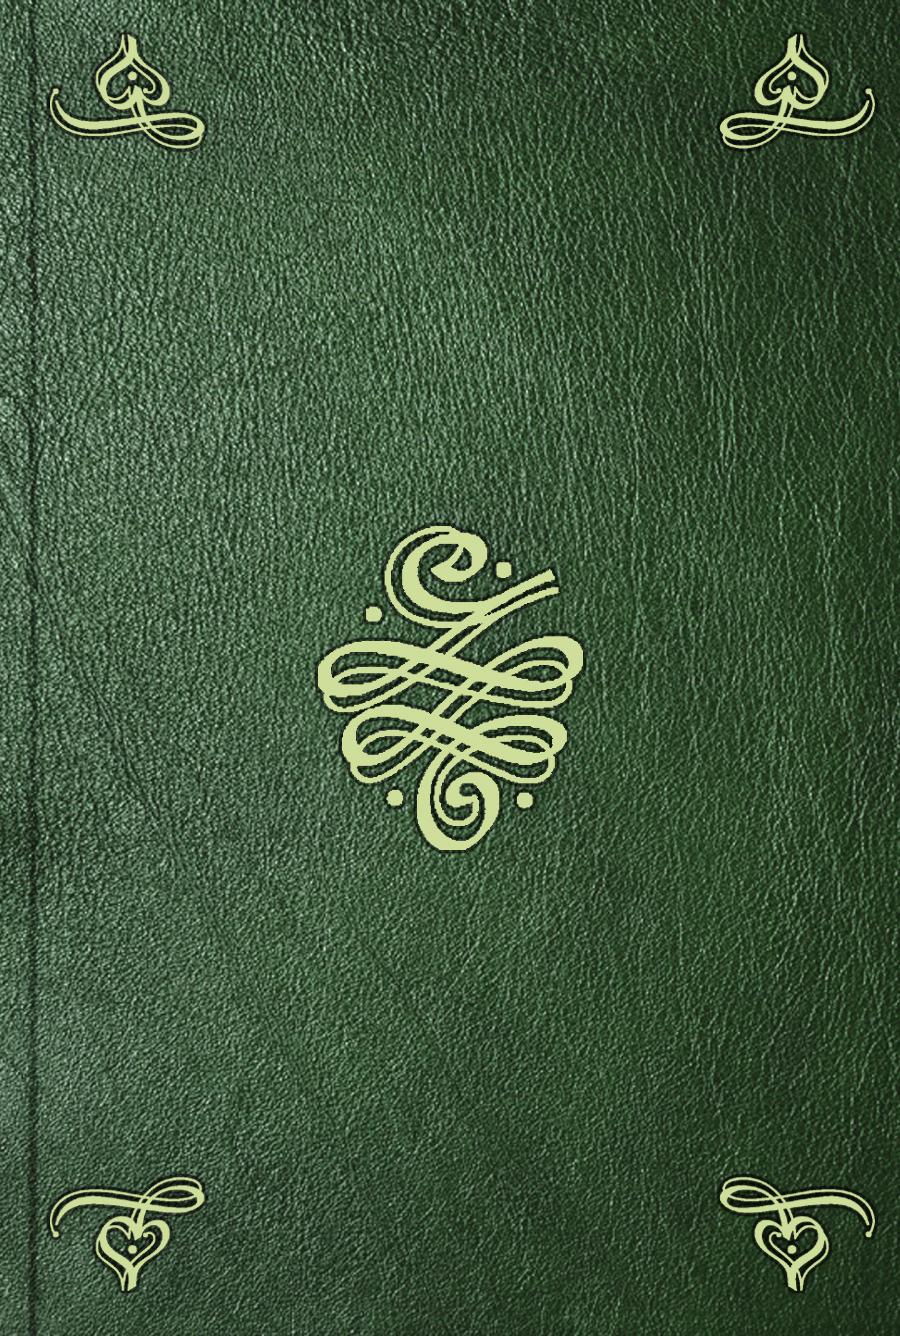 Charles Bonnet Oeuvres d'histoire naturelle et de philosophie. T. 16 charles bonnet oeuvres d histoire naturelle et de philosophie t 16